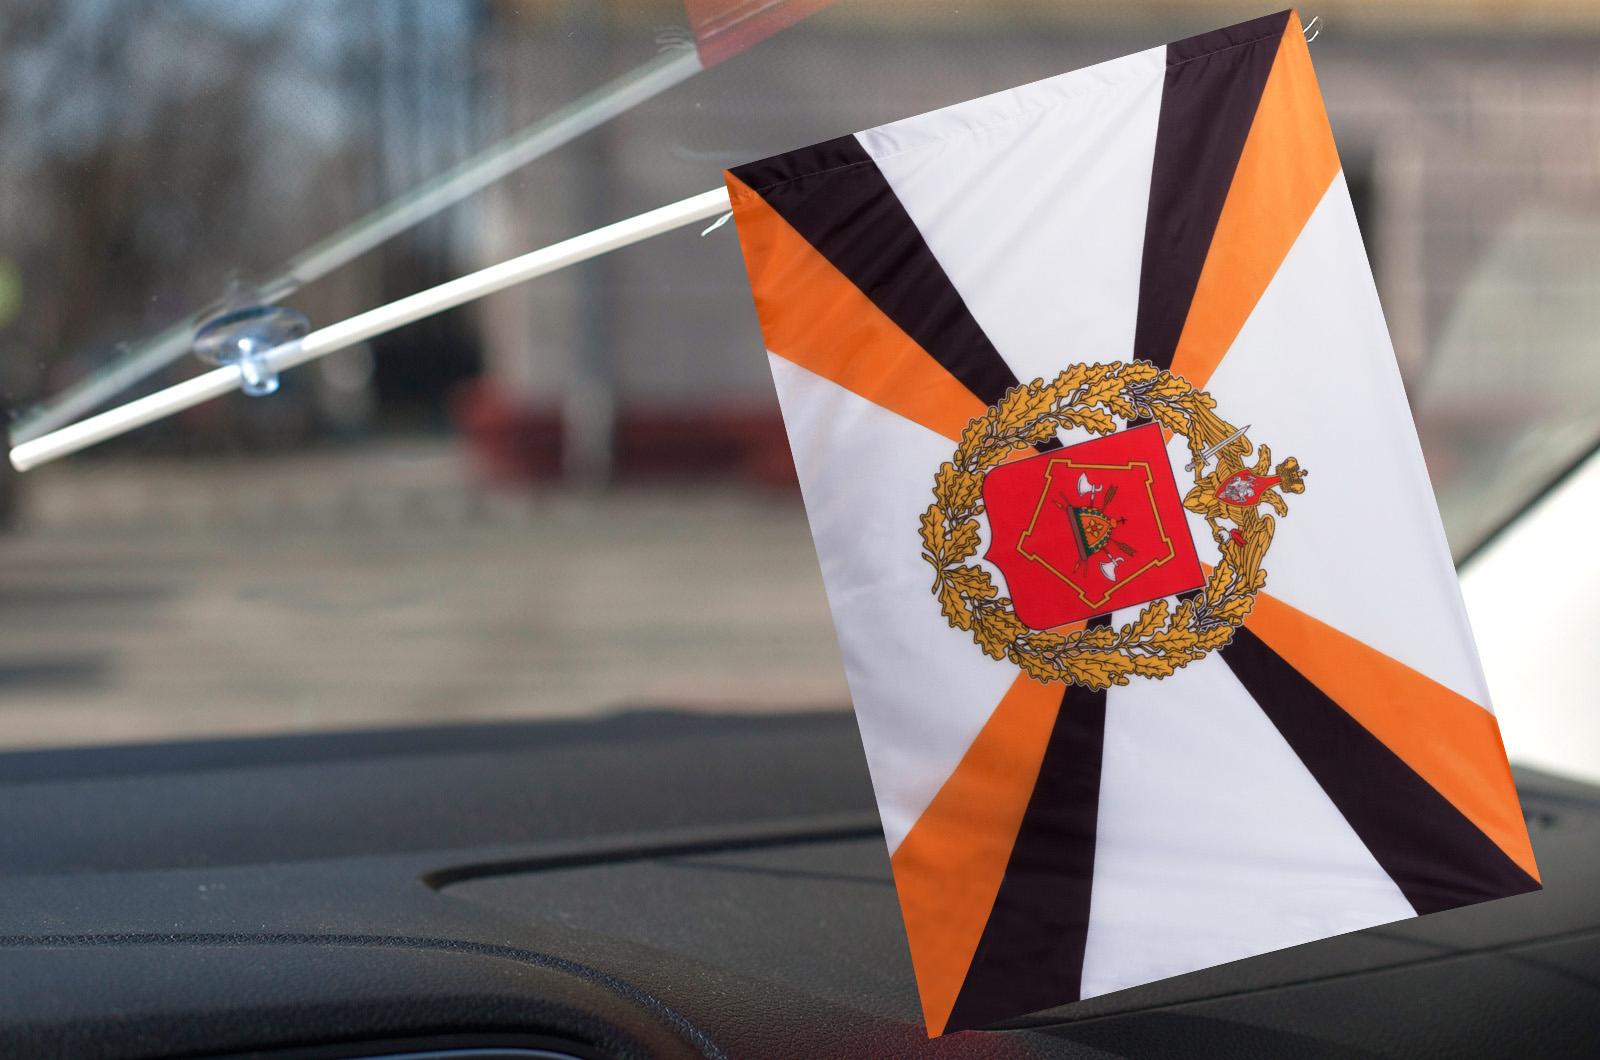 Флажок СибВО ВС РФ в машину